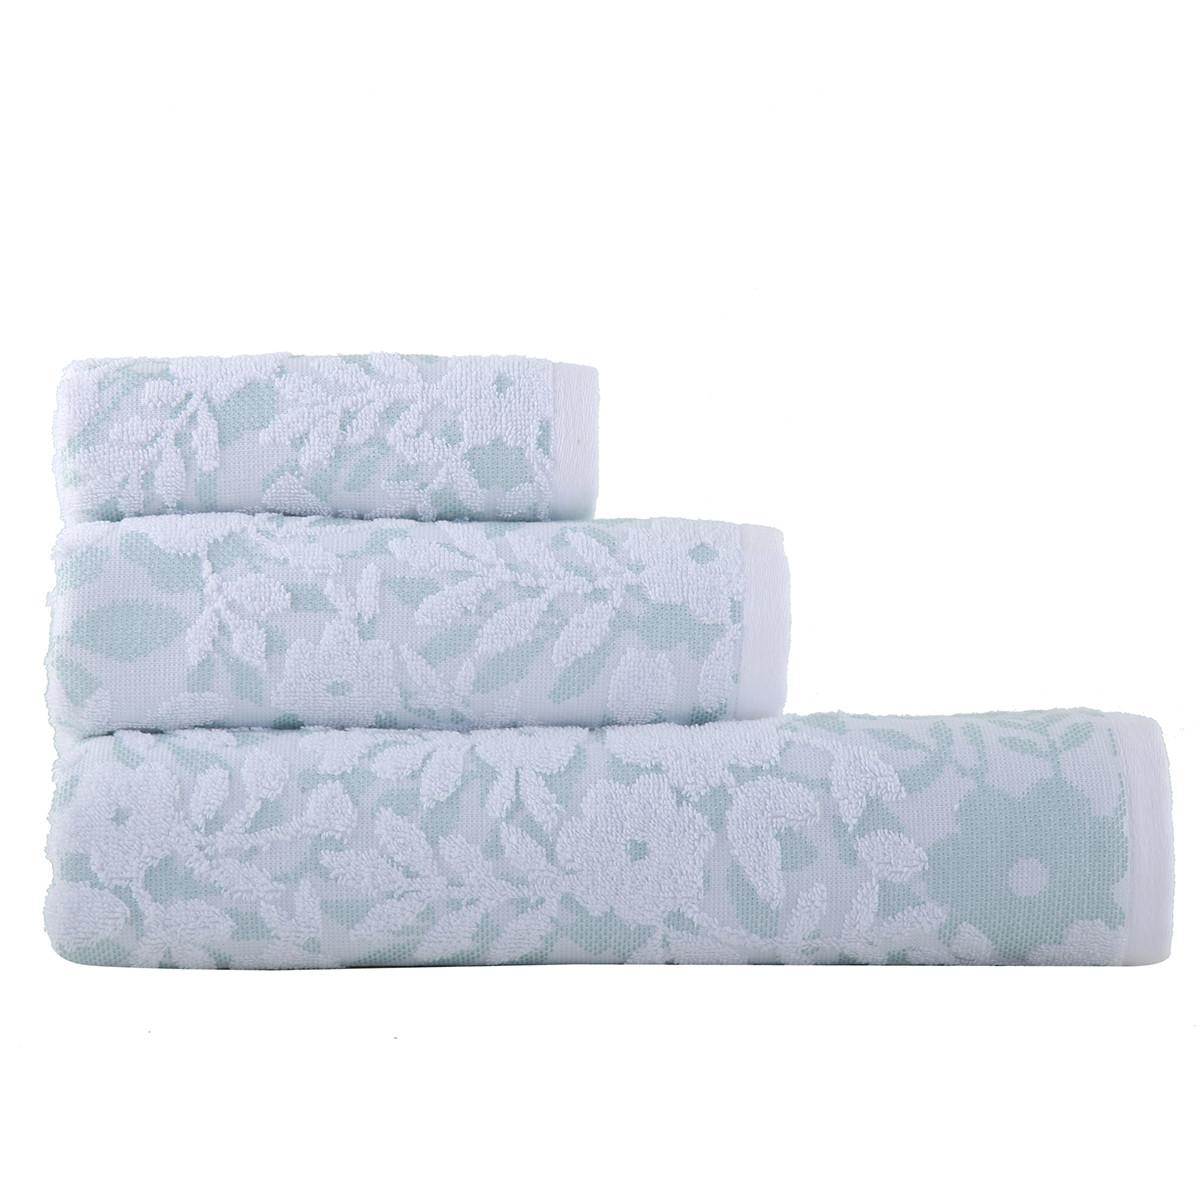 Πετσέτα Προσώπου (50x90) Nef-Nef Mellow home   μπάνιο   πετσέτες μπάνιου